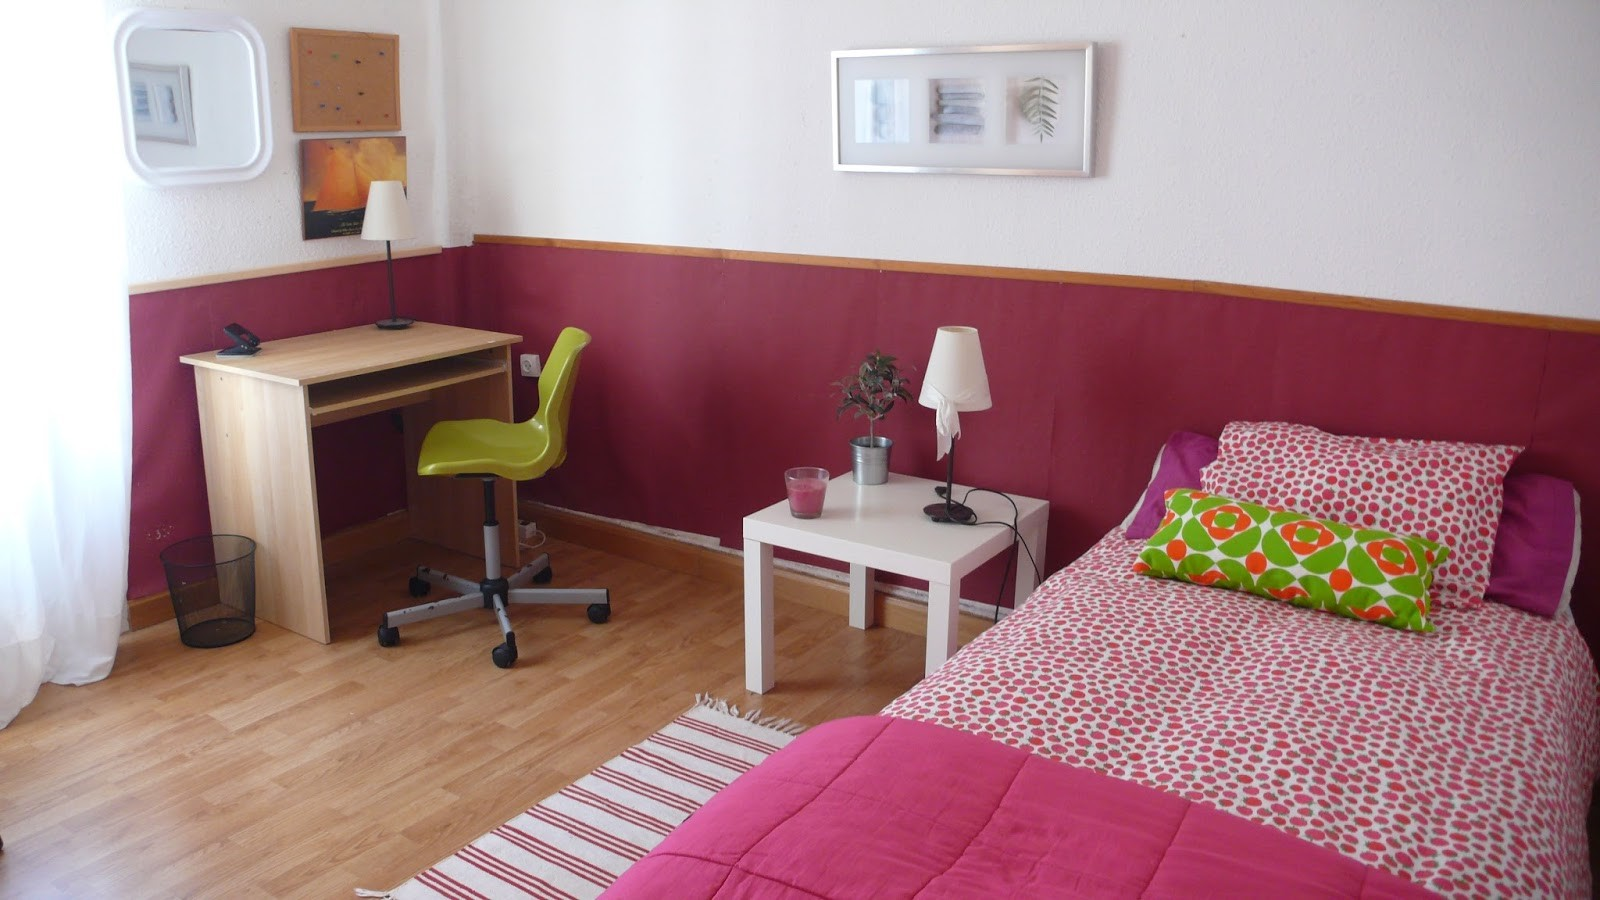 Habitaci n en piso universitario en logro o solo chicas for Universidades con habitaciones